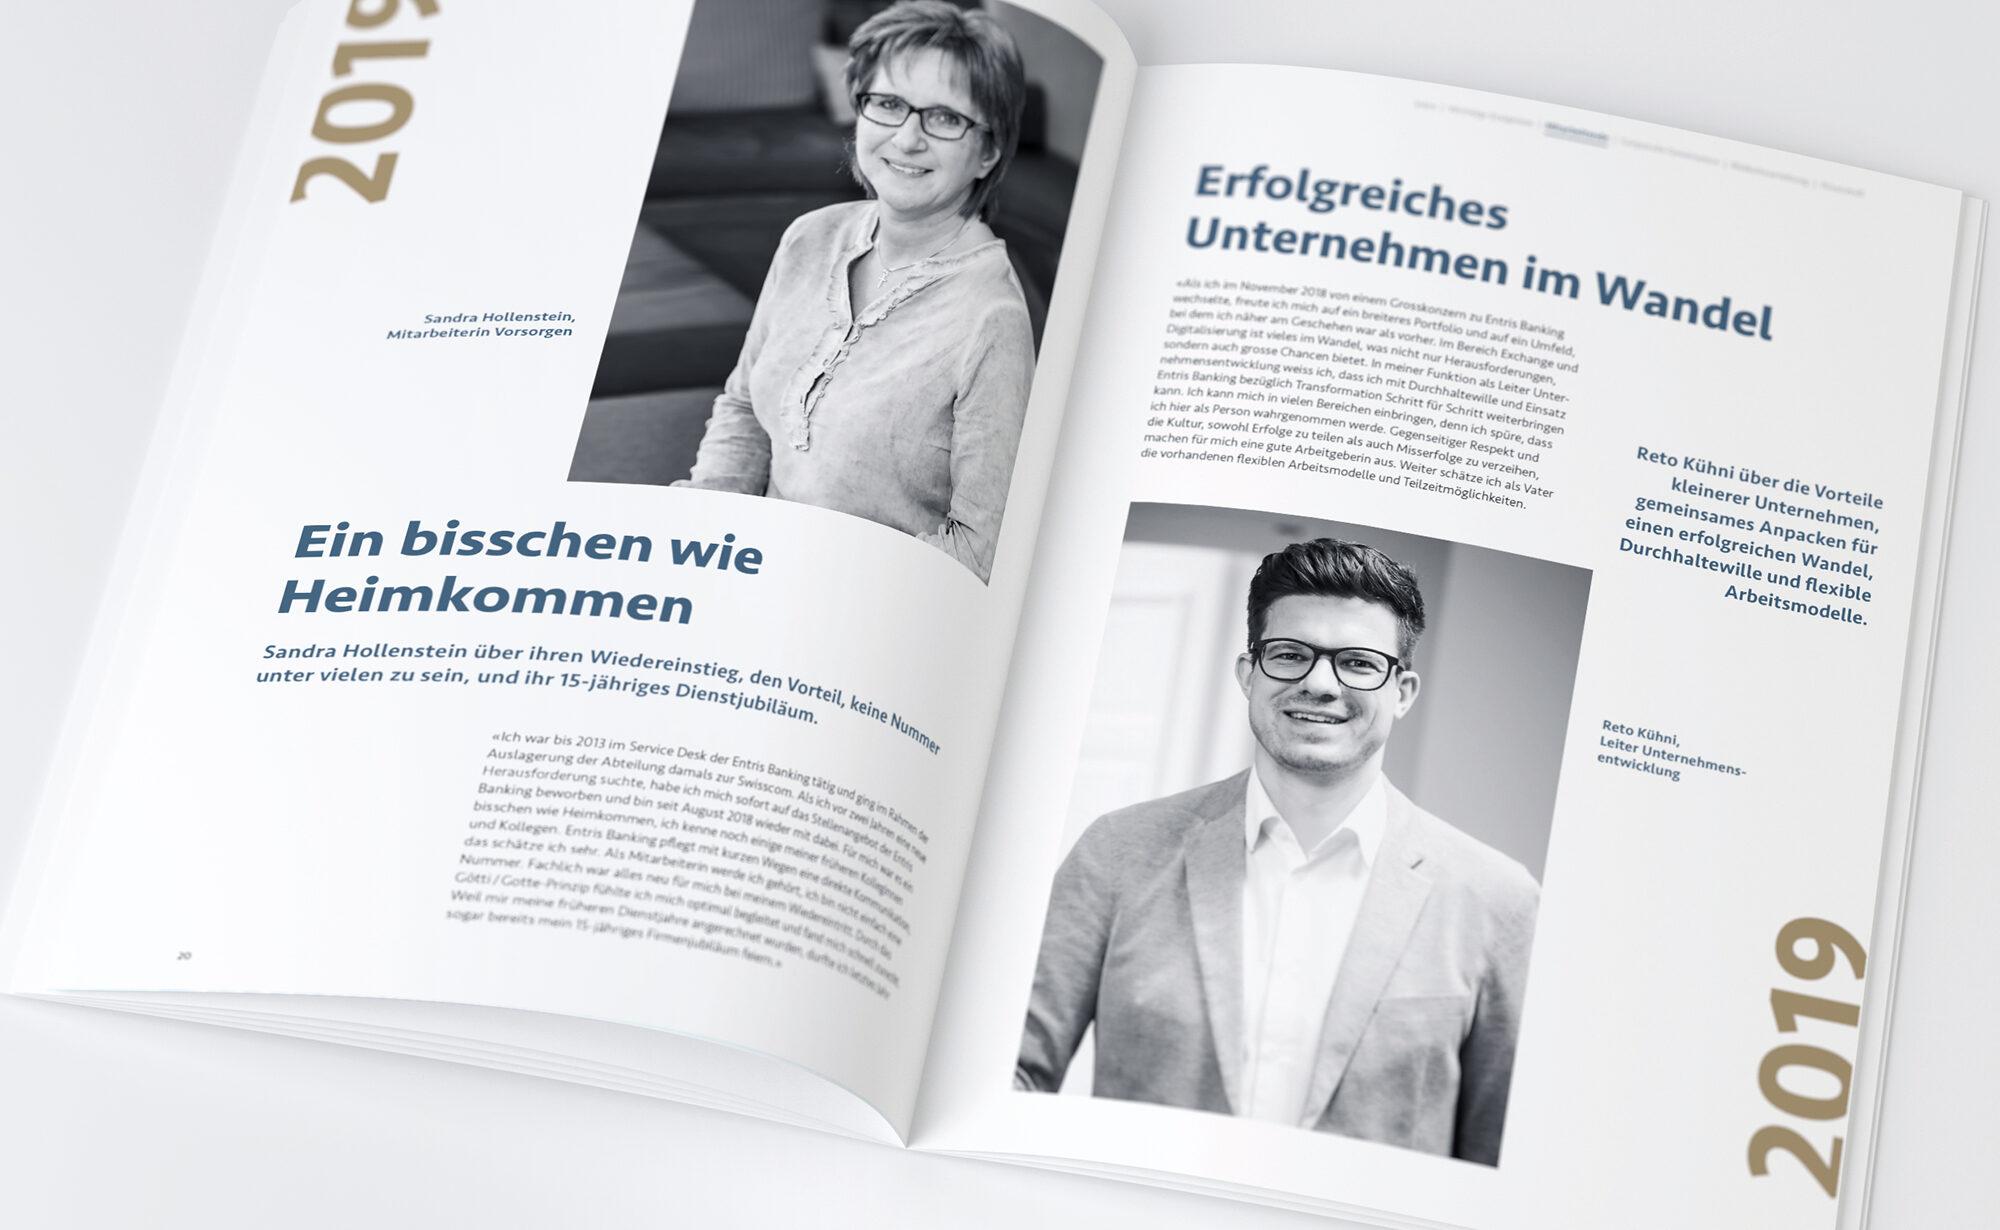 Erfolgreich - Entris Banking Geschäftsbericht, Agentur Schmucki